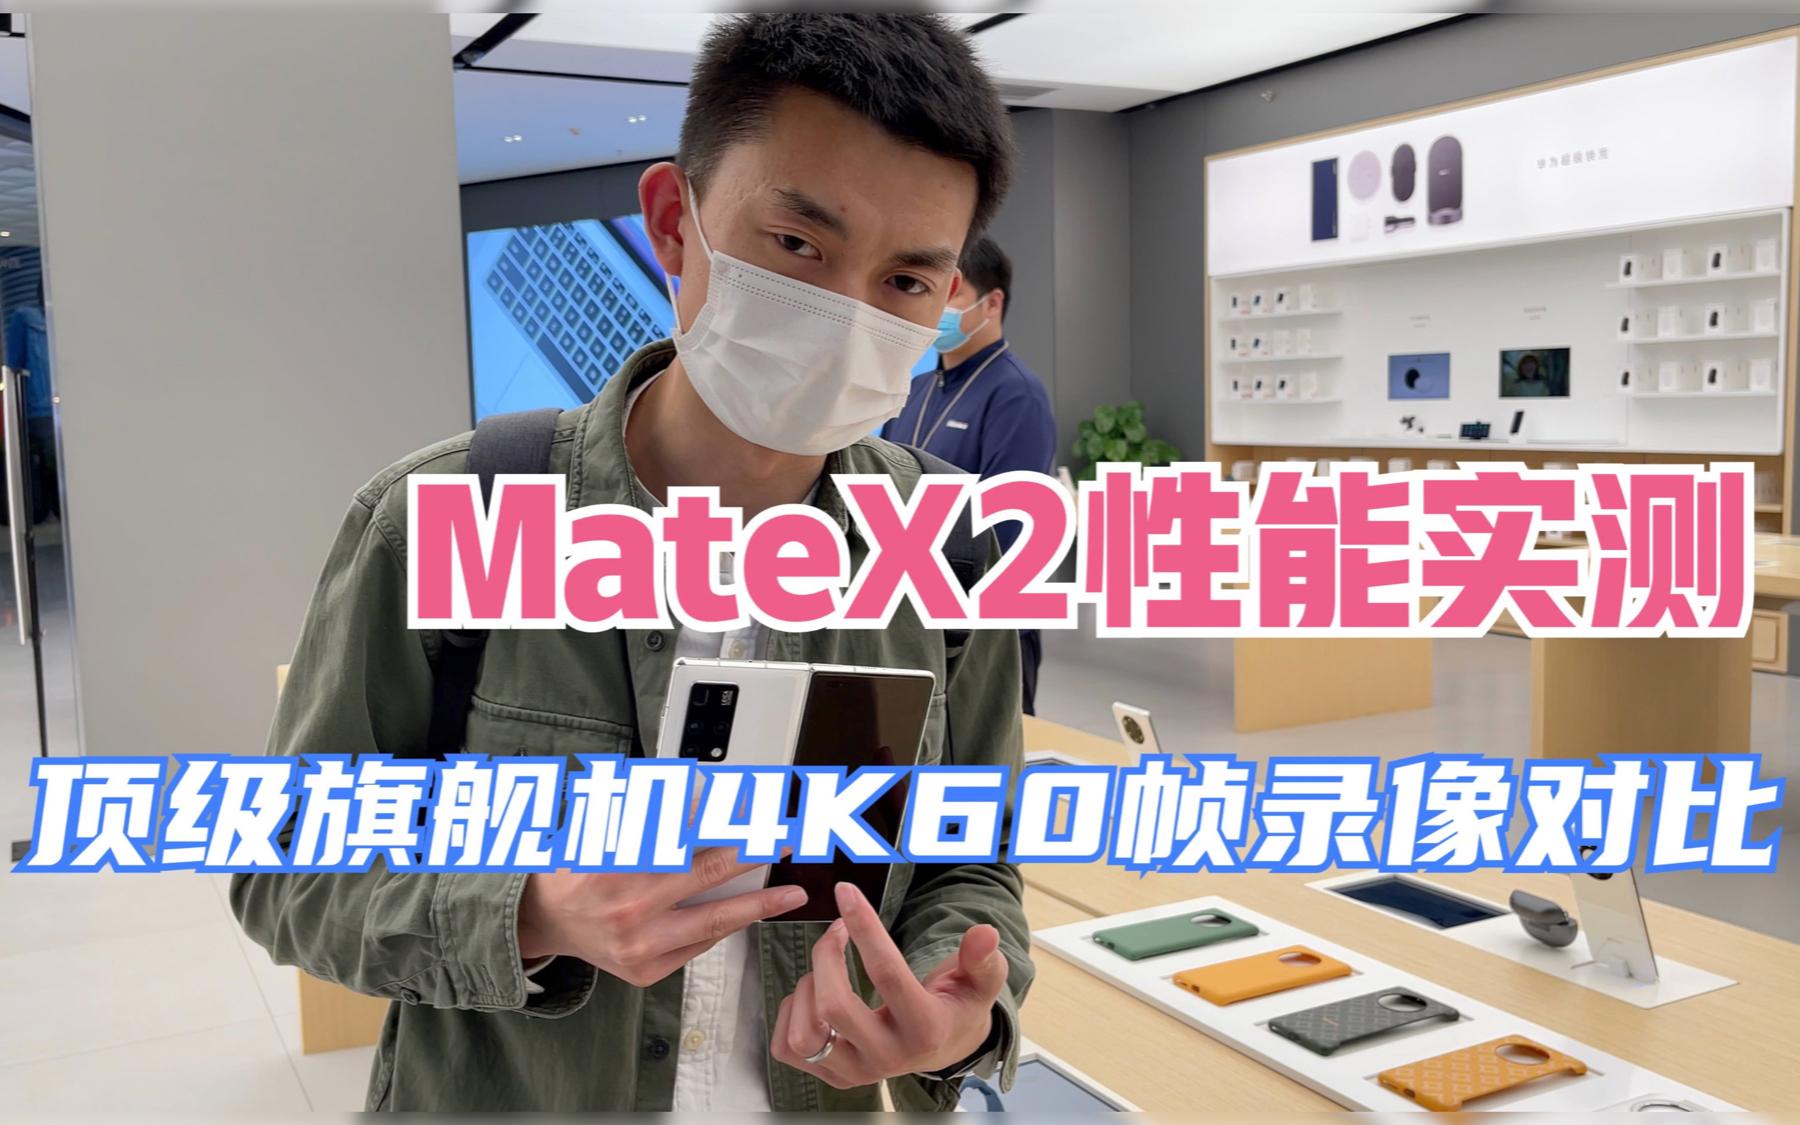 顶级旗舰机4K:60帧录像对比,MateX2性能实测 最强麒麟9000【新评科技】